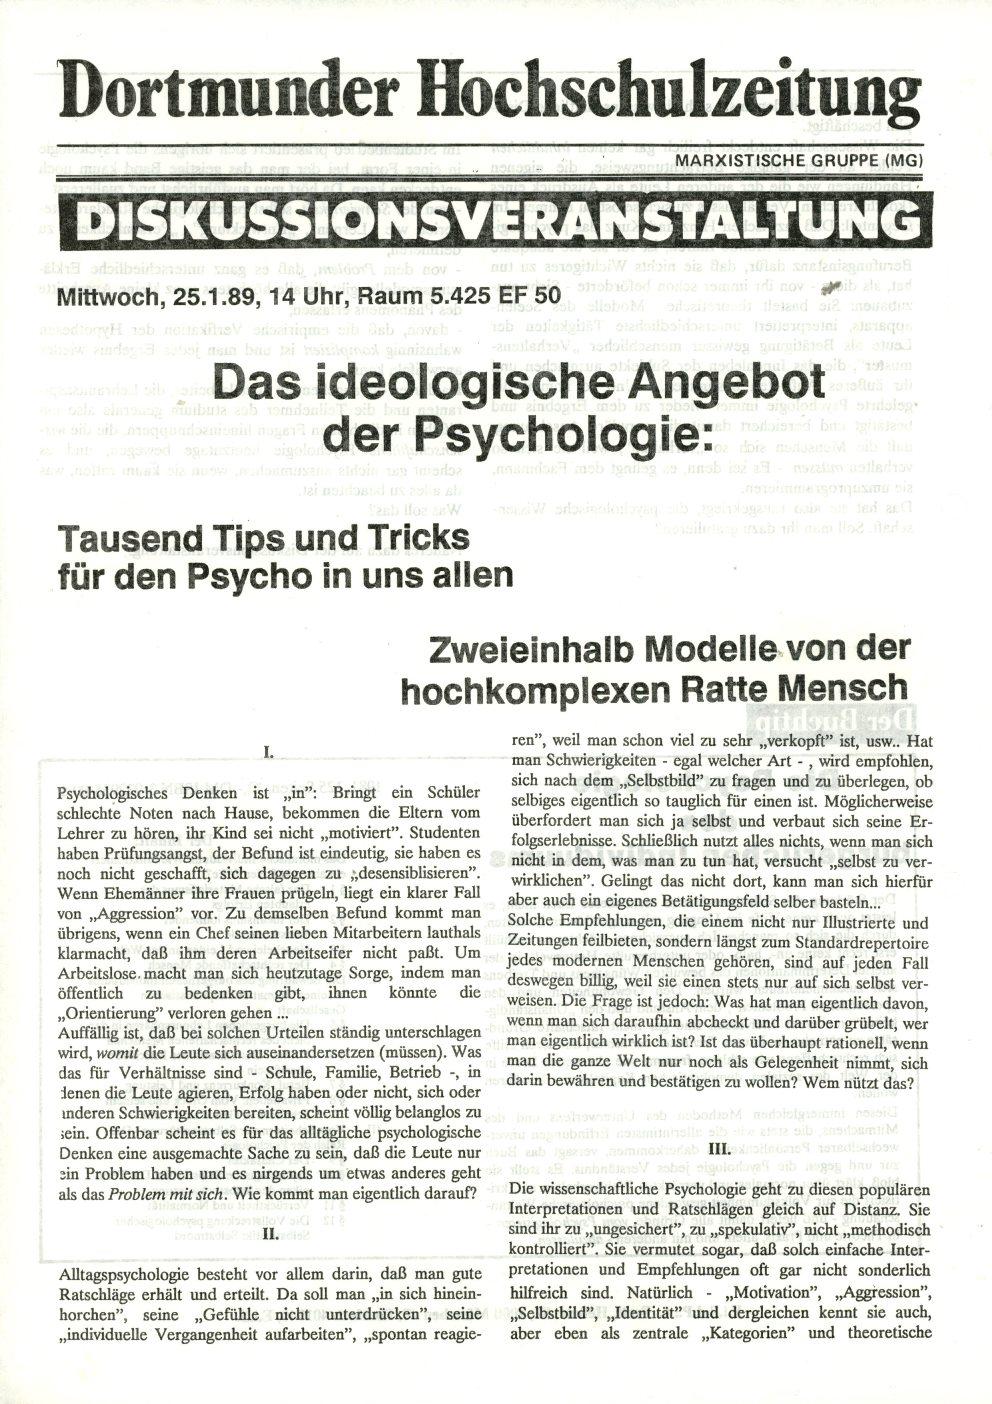 MG_Dortmunder_Hochschulzeitung_19890120_01